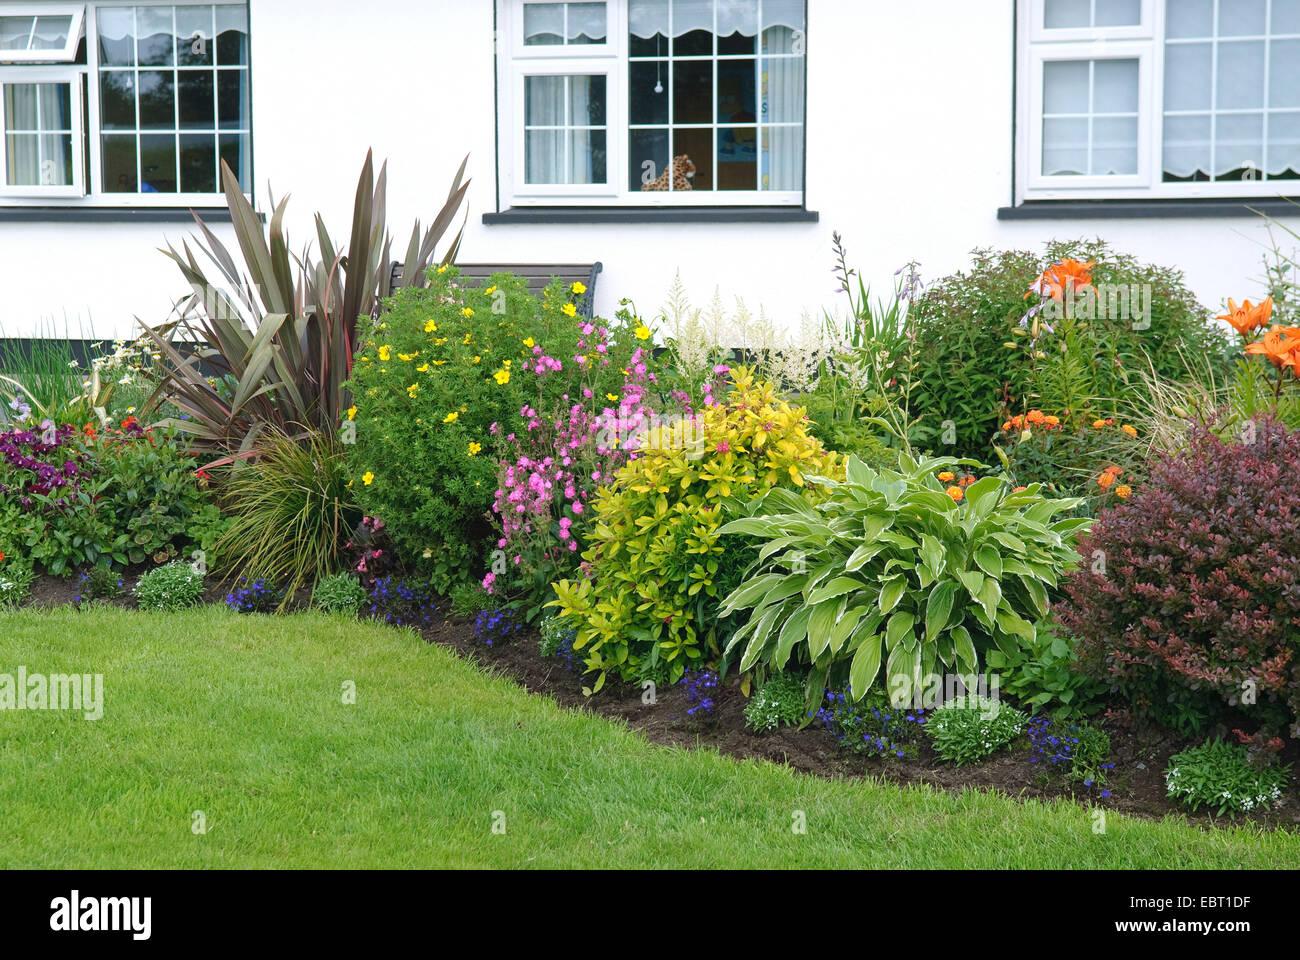 Irische Frontgarden mit blühenden Gartenpflanzen, Irland, Achill Island Stockbild